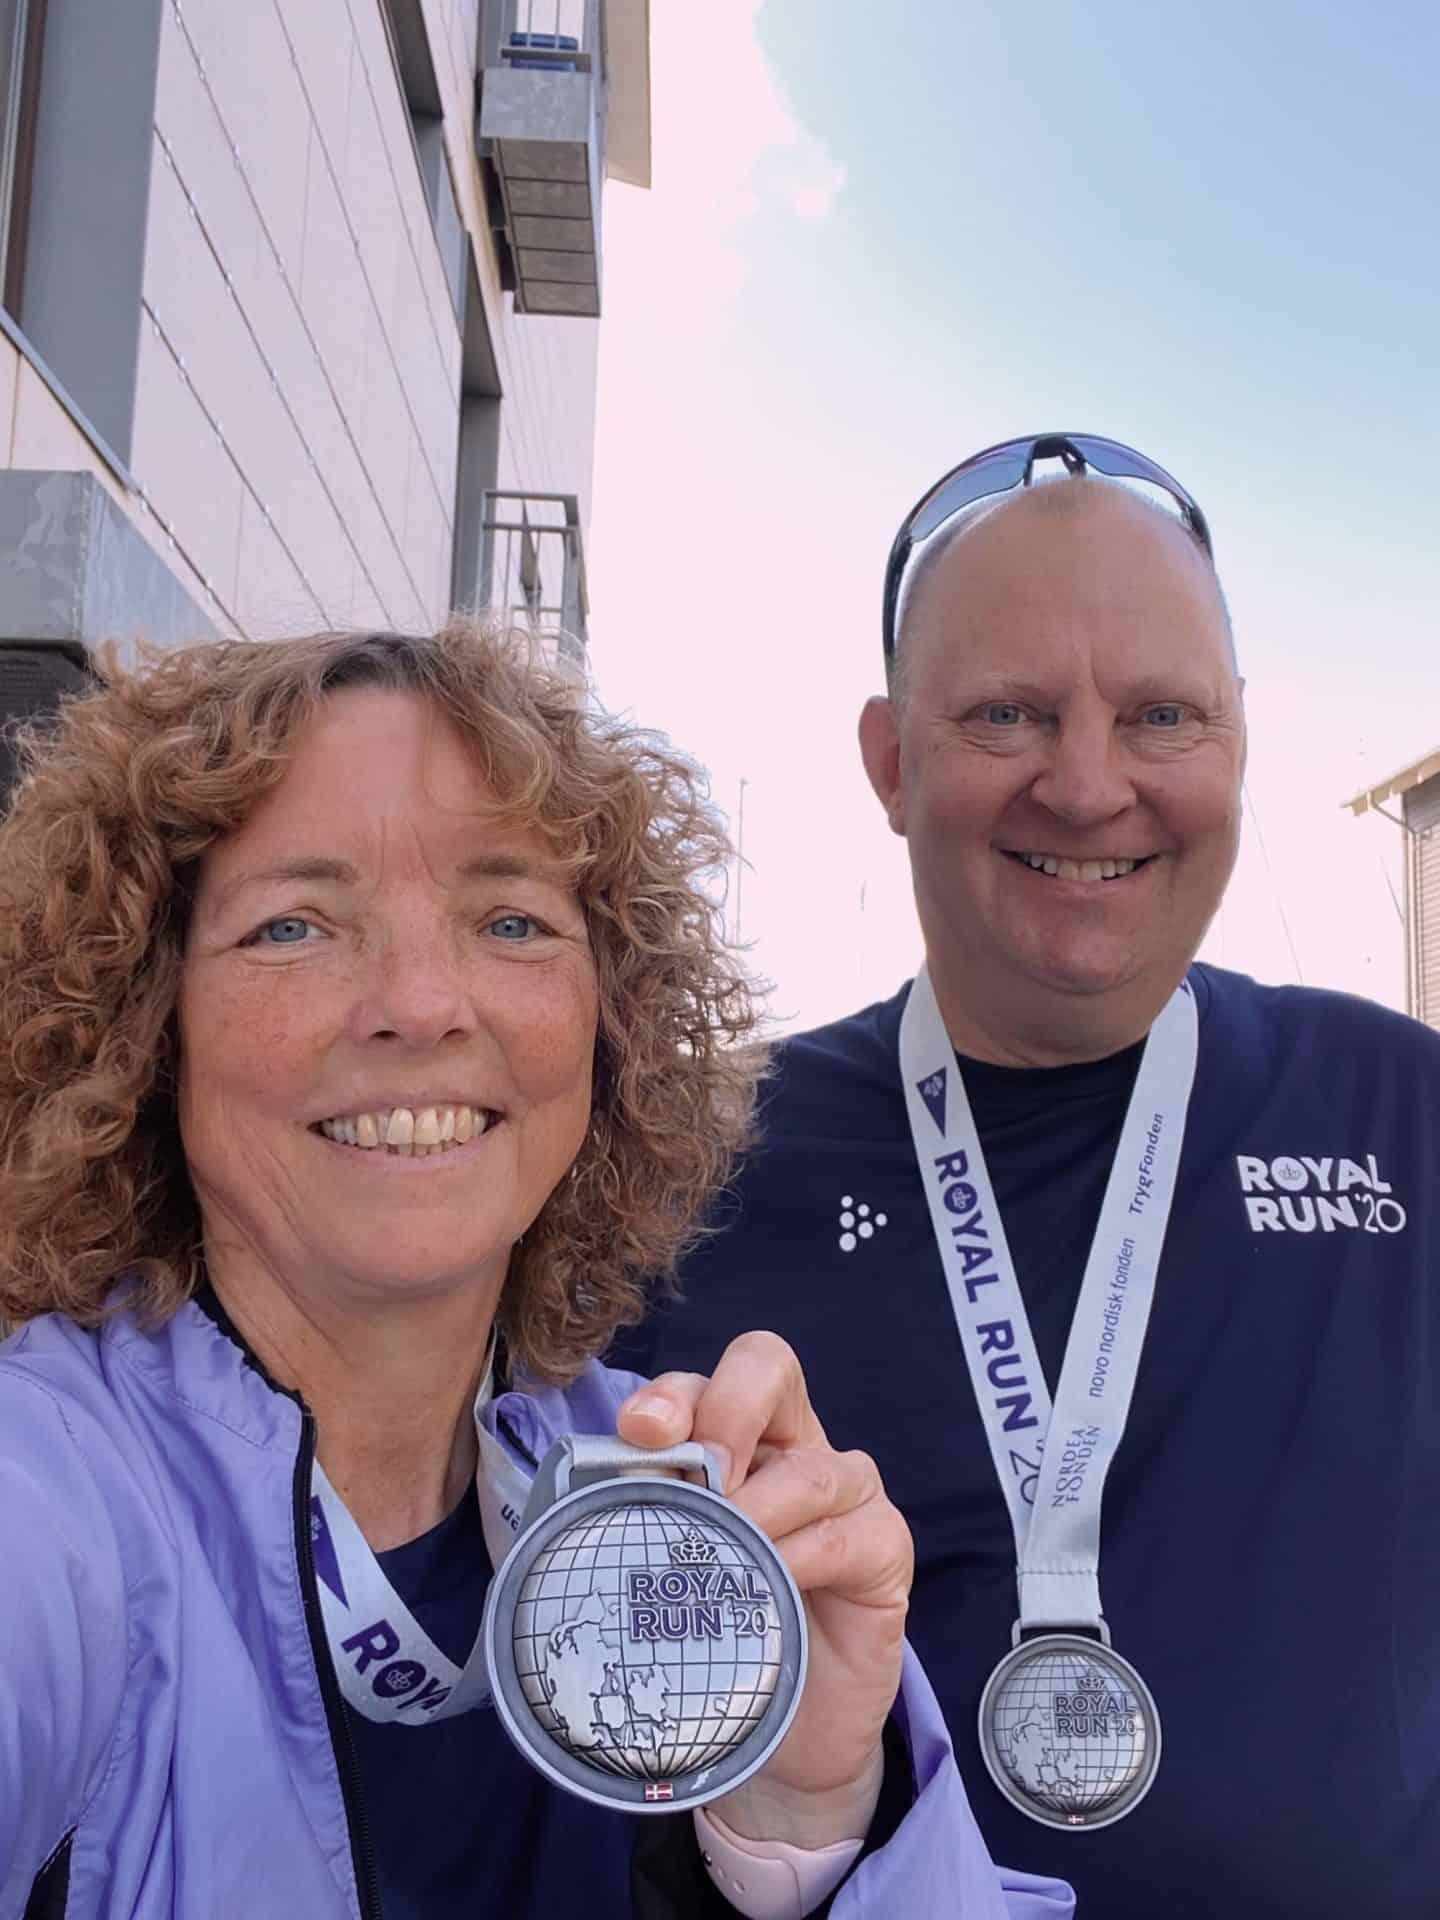 Royal-Run-deltagere-med-medaljer